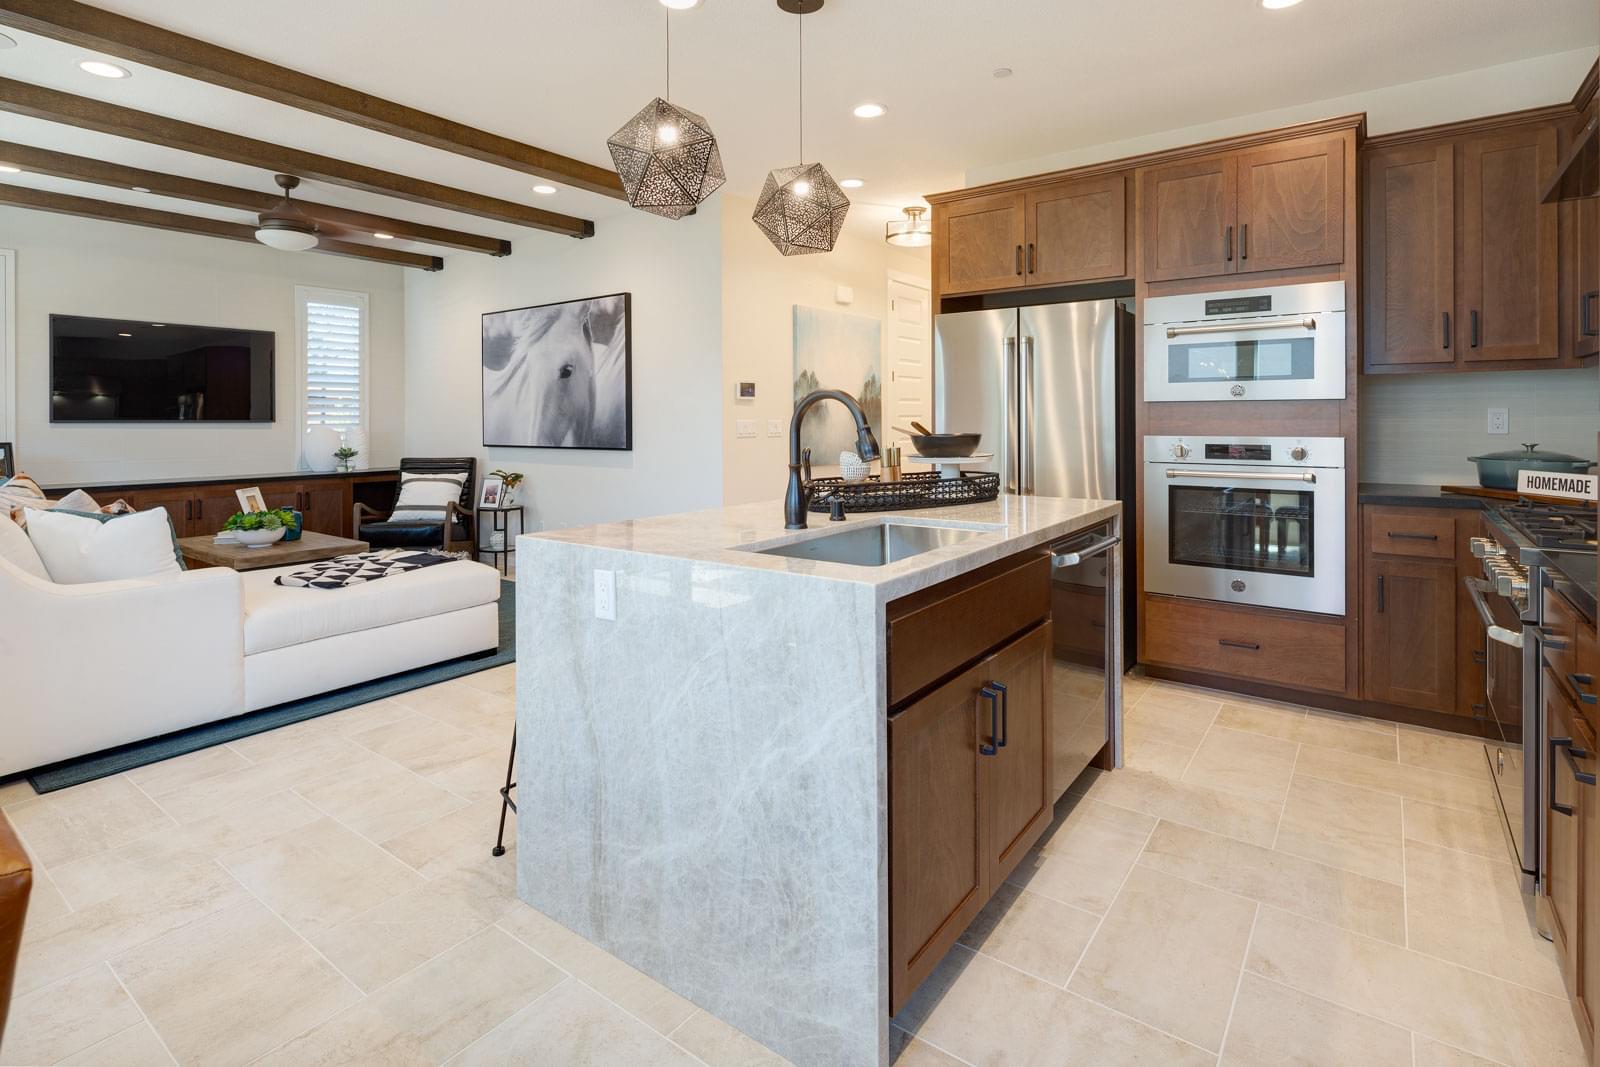 Residence 3 Kitchen& Living Room